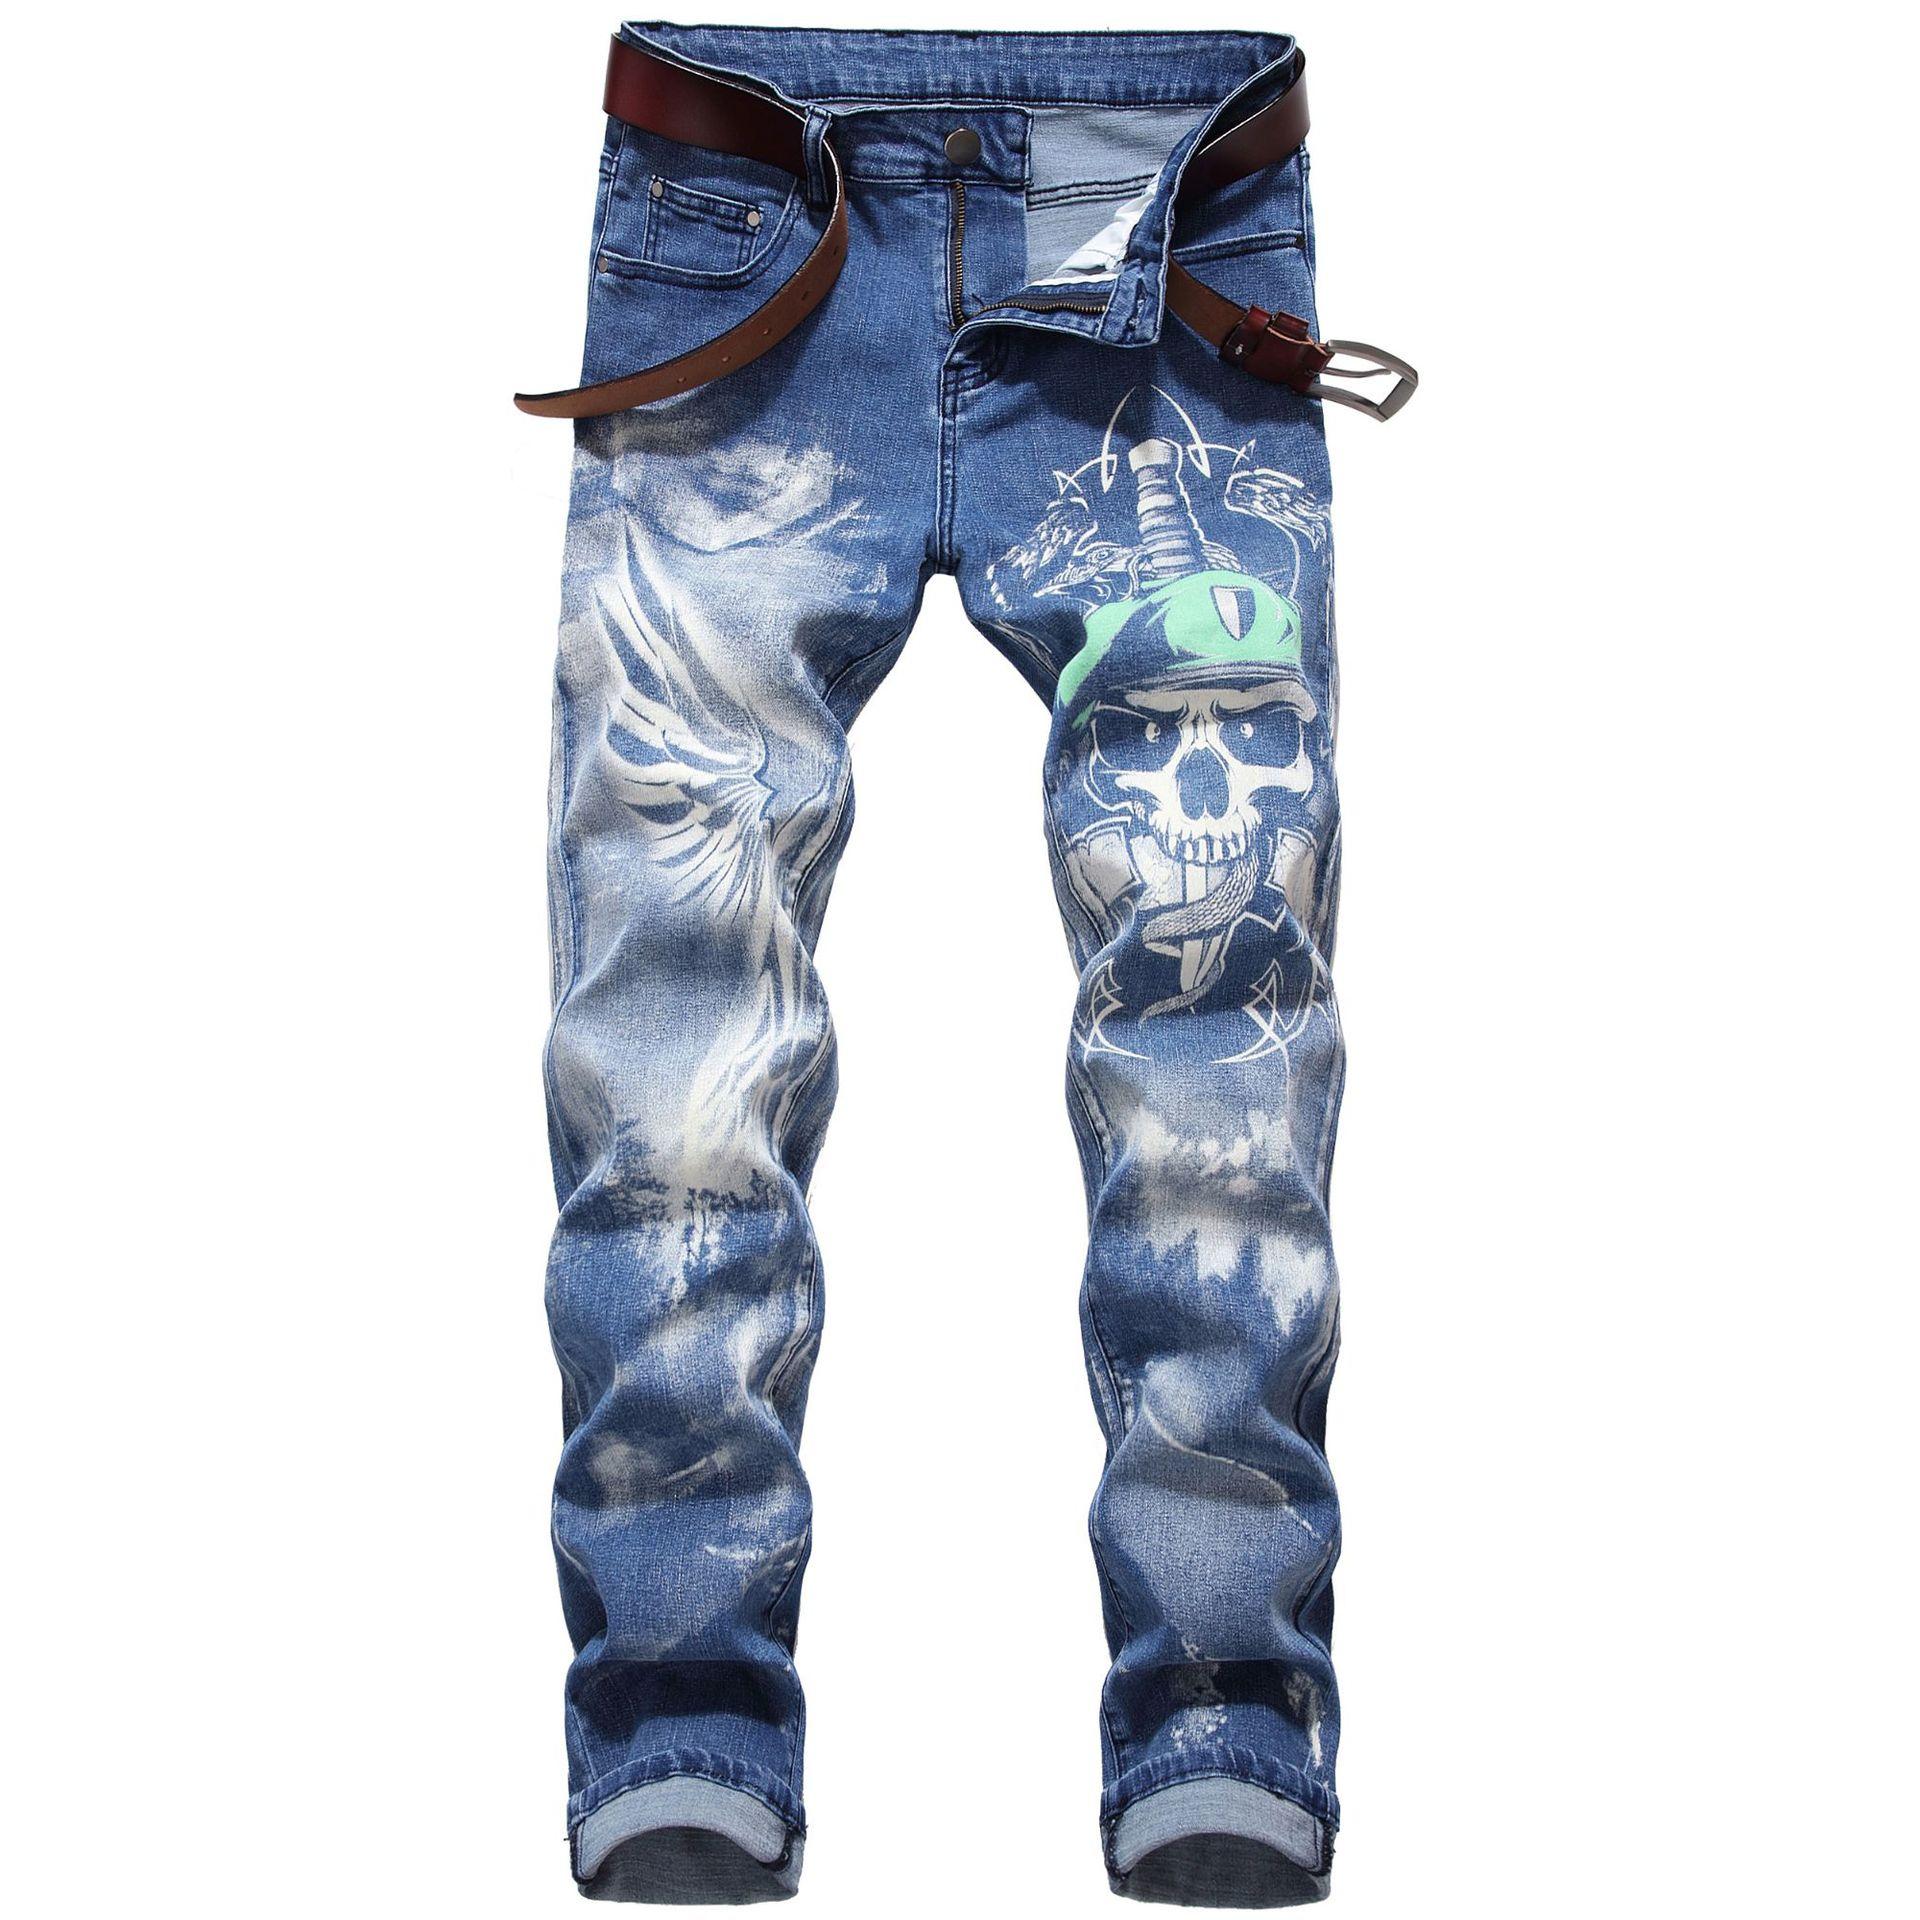 男士修身印花牛仔裤长裤Men's slim-fit print jeans2021新款